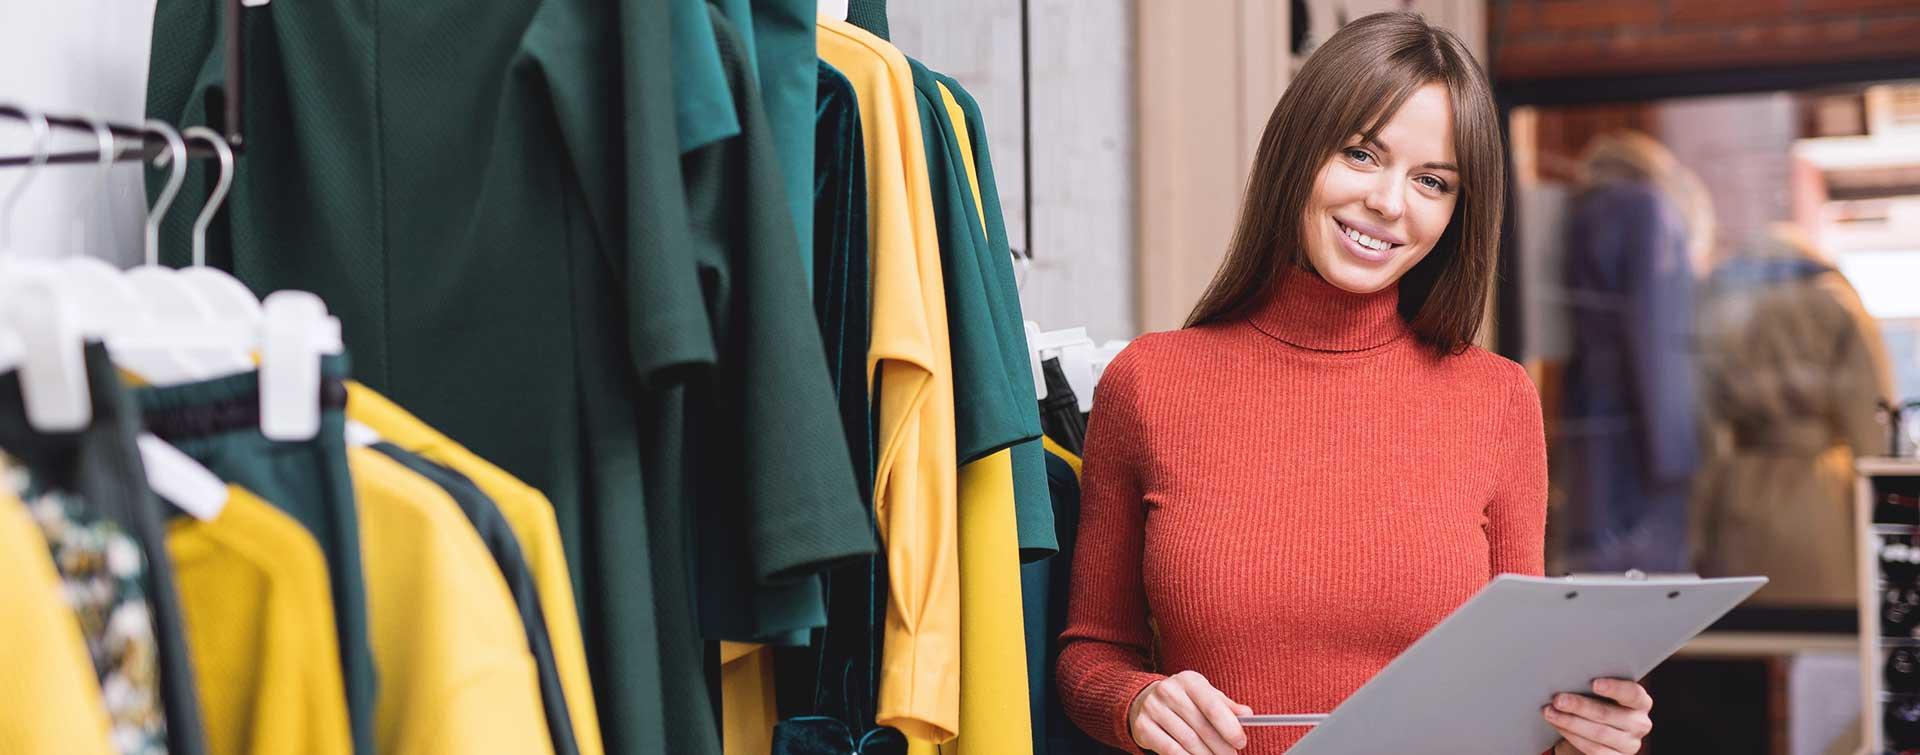 Franczyza ubrania – dlaczego warto?